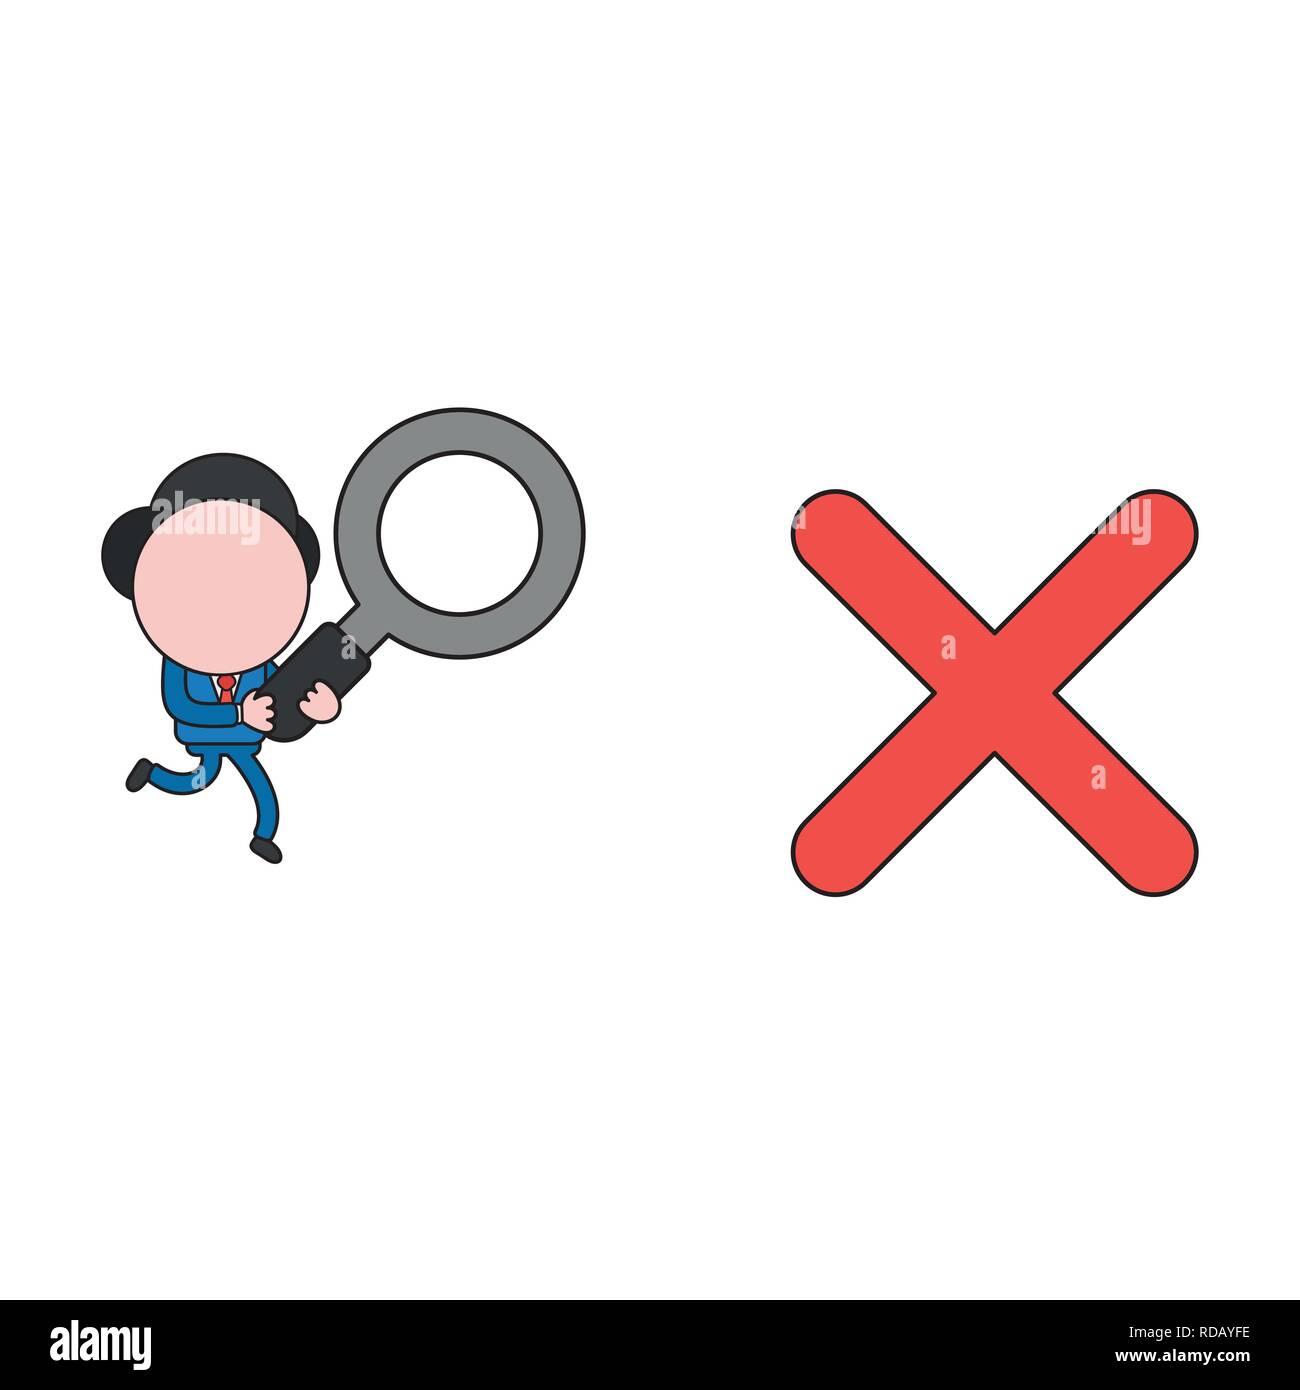 b24ef63e6b571 Ilustración vectorial empresario personaje corriendo y llevando la lupa a x  marca. Color y contornos negros.